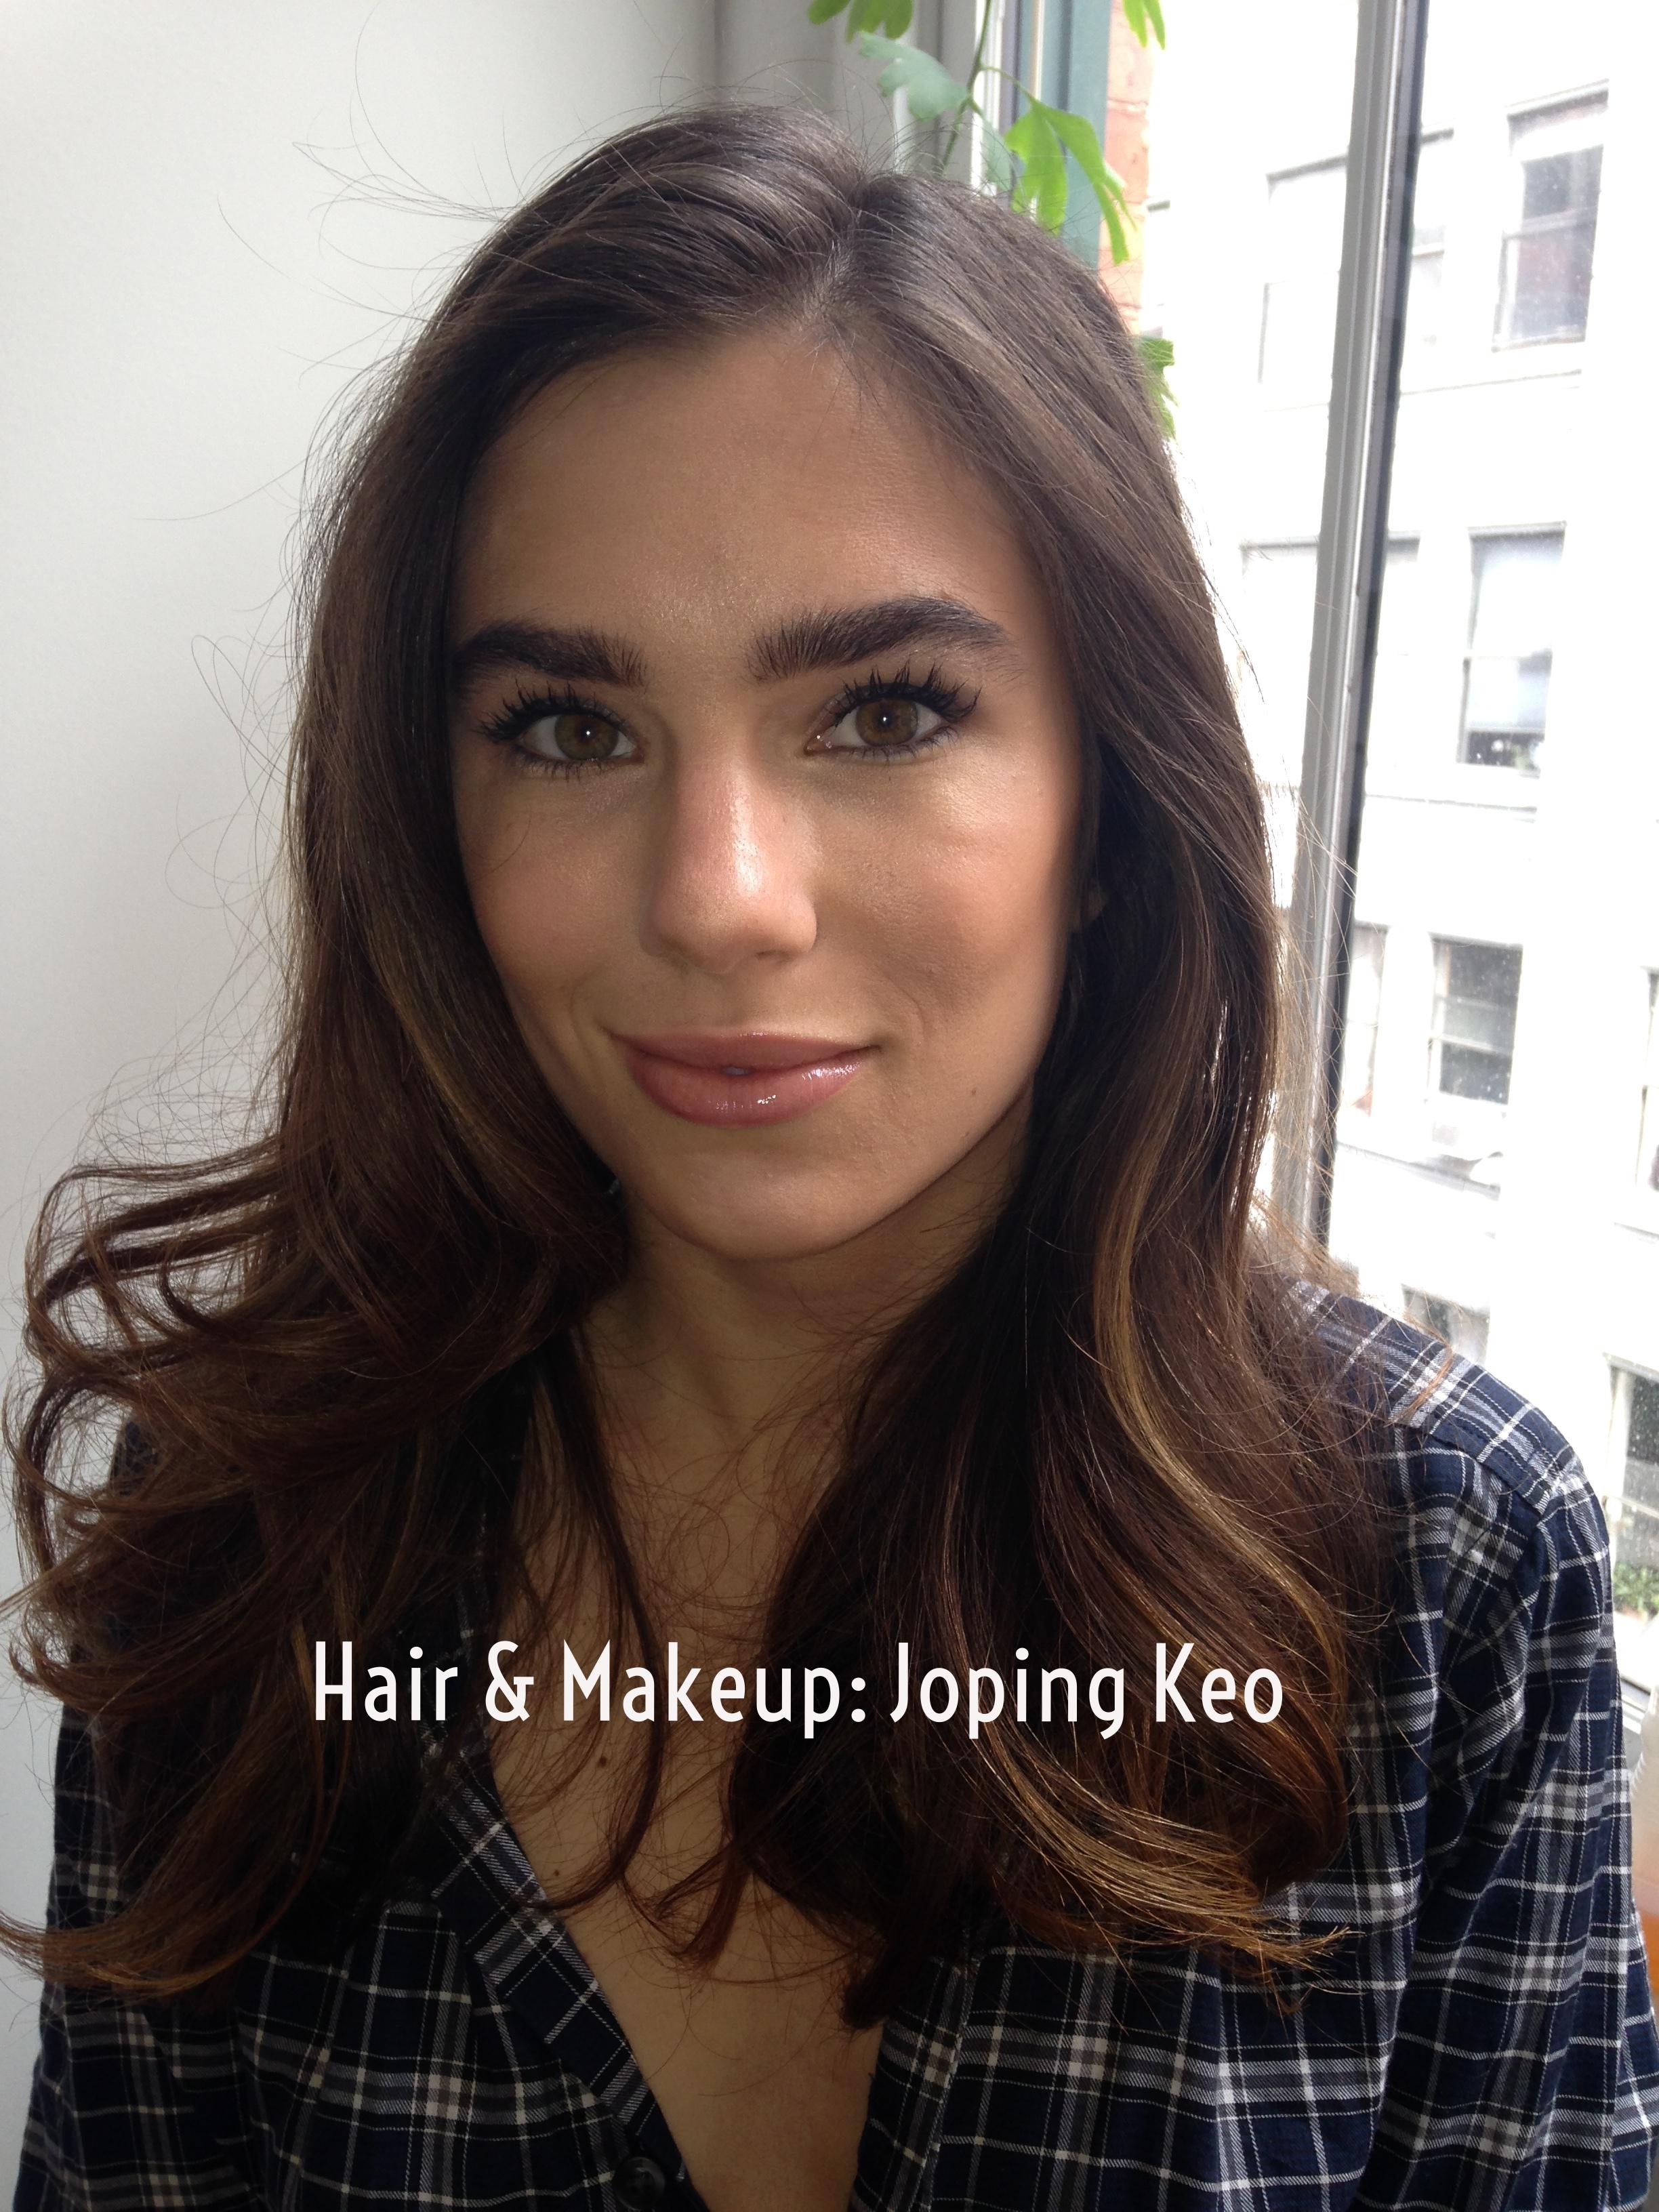 Hair & Makeup: Joping Keo